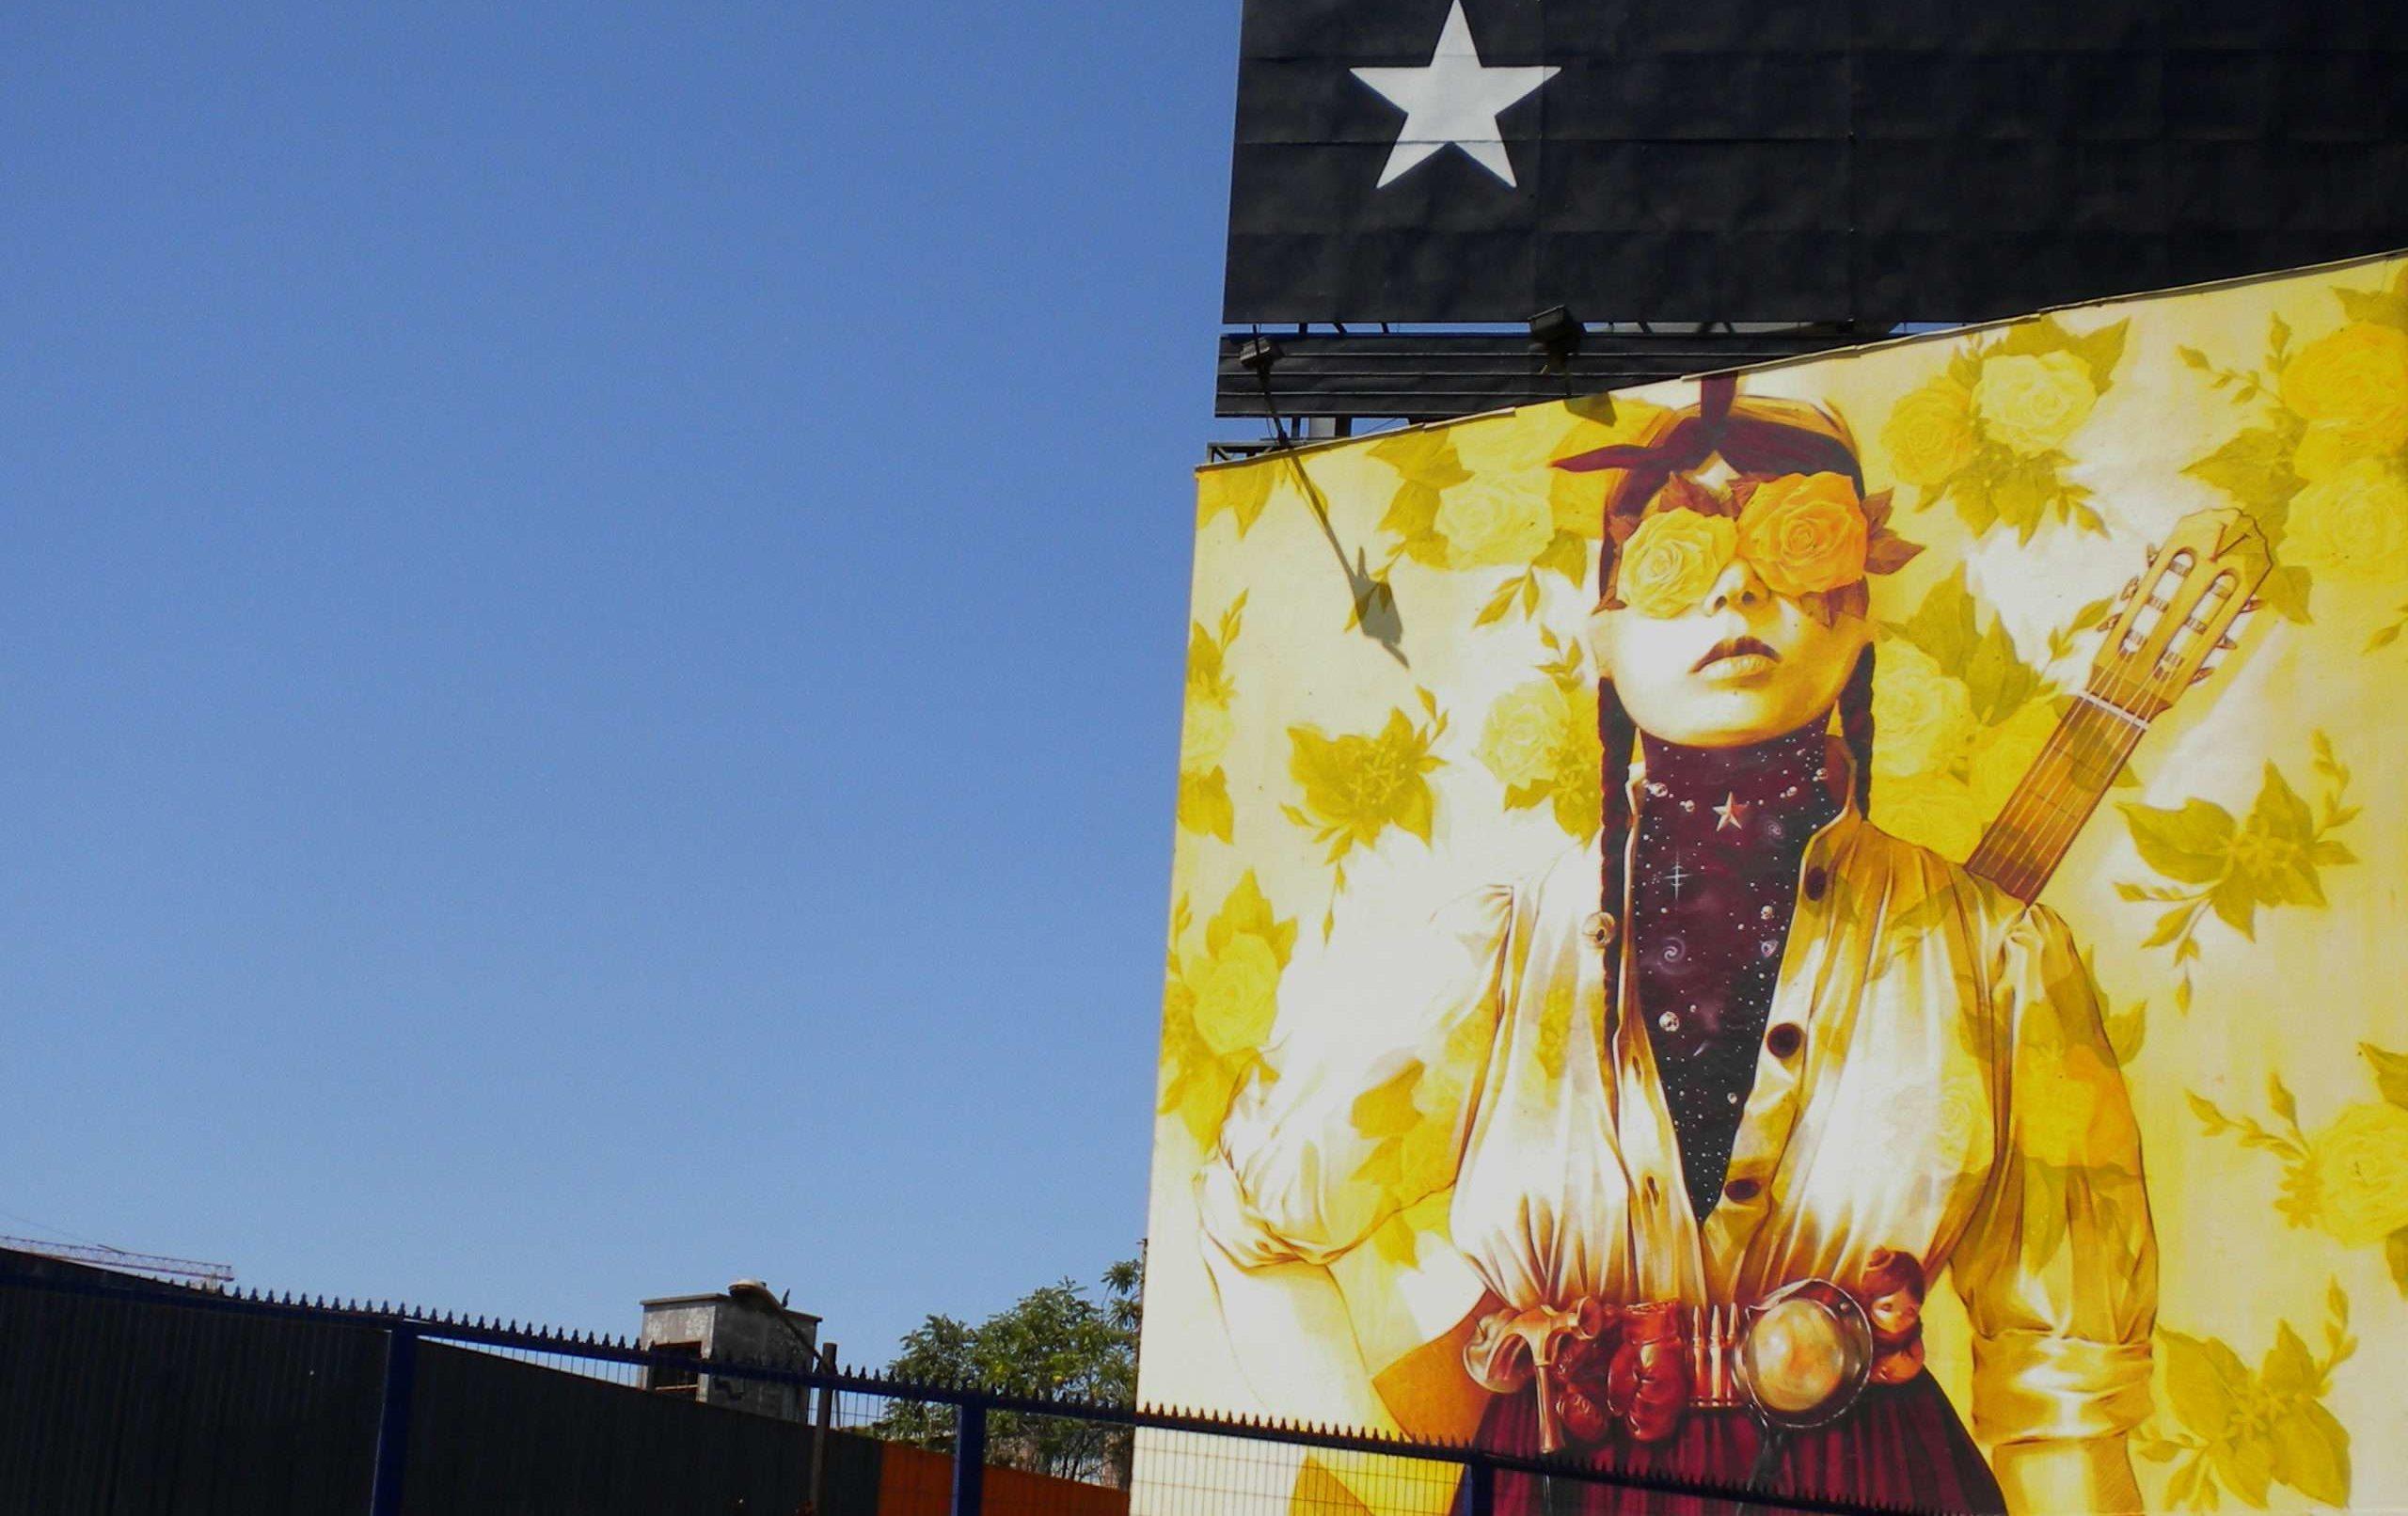 Peinture murale représentant une manifestante munie d'une masque à gaz lors du mouvement Estallido à l automne 2019 photographie : Melaine Fanouillère.